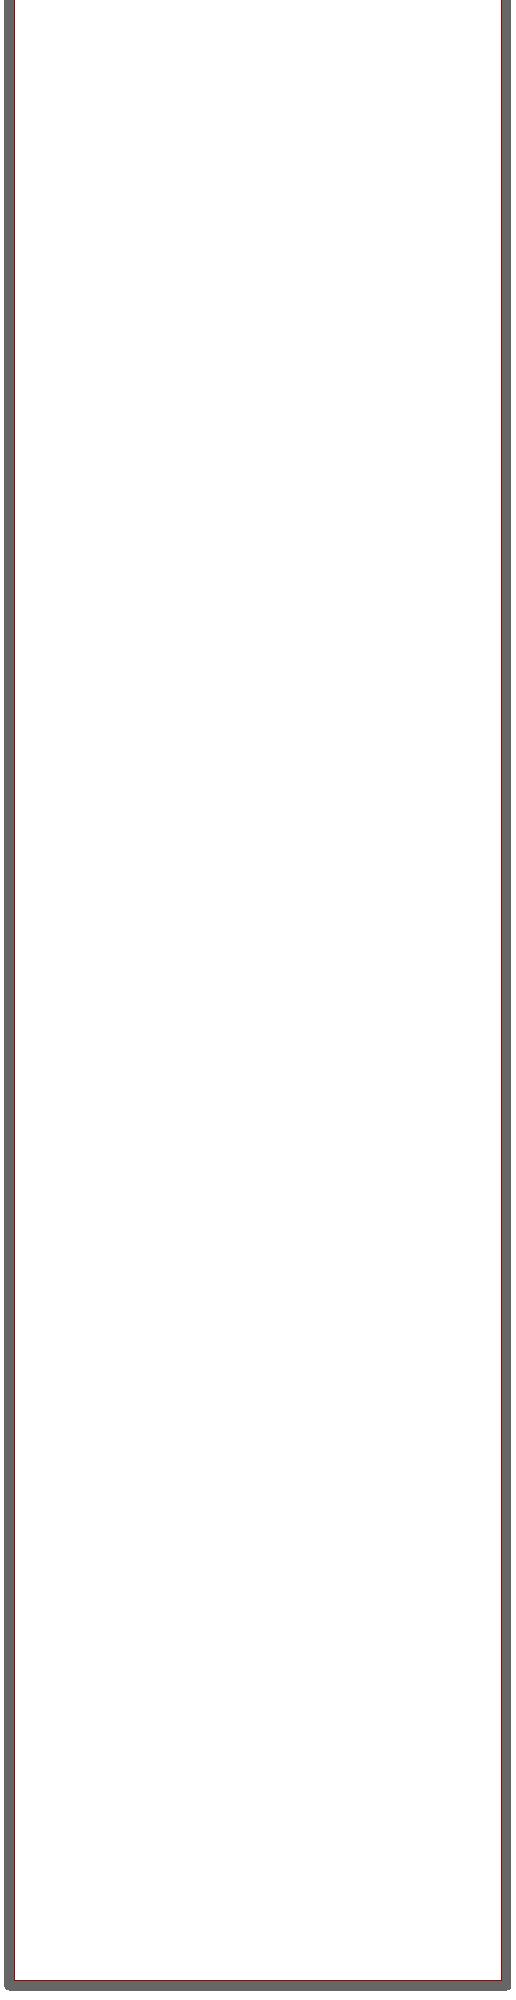 схема блока управления воздухоочистителя гефест во 1603